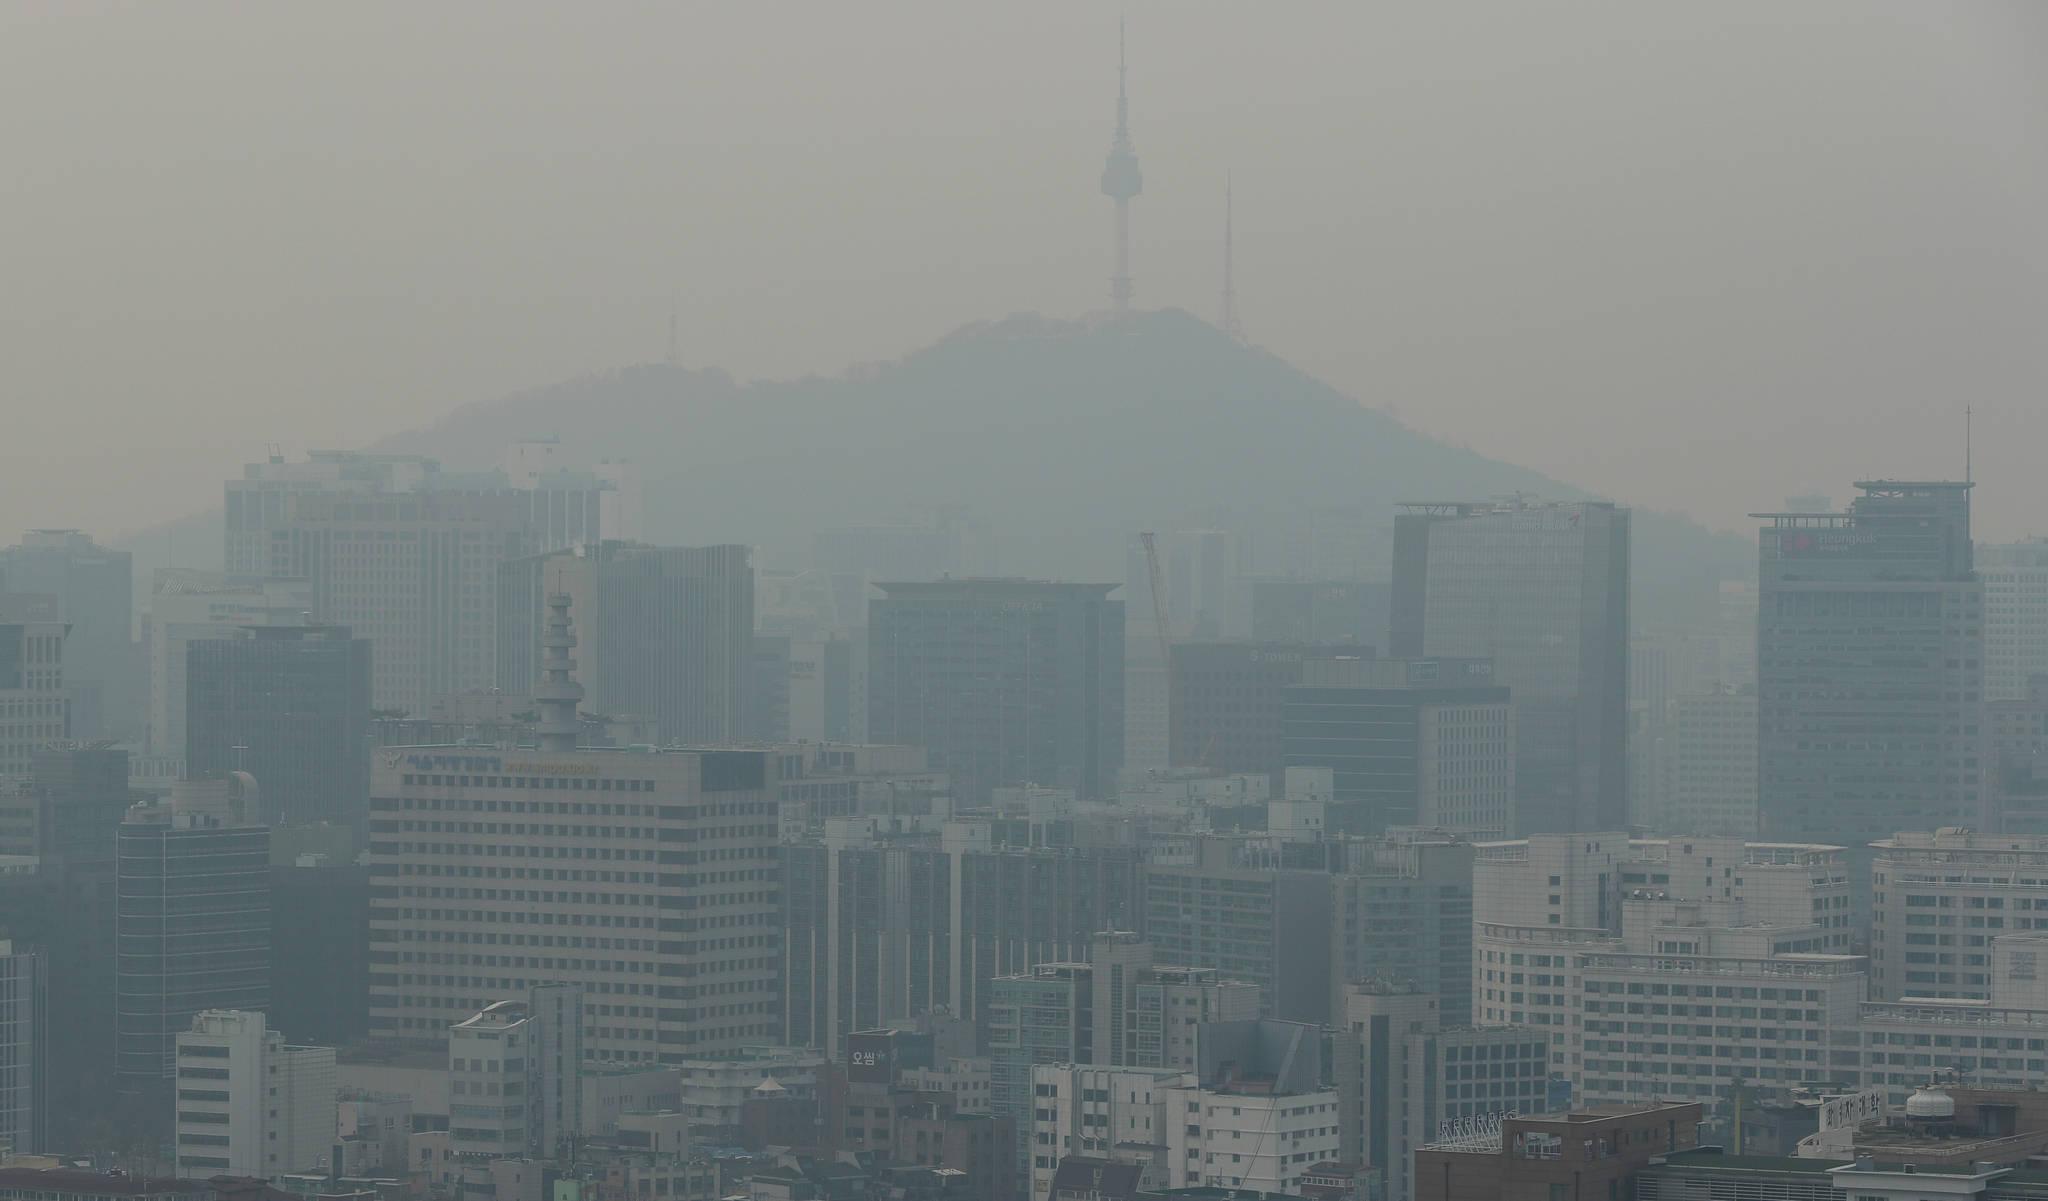 휴일인 24일 오전 서울도심이 안개와 미세먼지에 갇혀 있다. 서울시는 이날 오전 6시를 기준으로 서울에 초미세먼지 민감군주의보를 발령했다. 민감군주의보는 초미세먼지(PM-2.5)의 시간당 평균 농도가 75㎍/㎥ 이상인 상태가 2시간 이상 지속할 때 내려지며 오전 5시와 6시 기준 시내 25개구의 초미세먼지 시간 평균농도는 80㎍/㎥로 측정됐다. [연합뉴스]